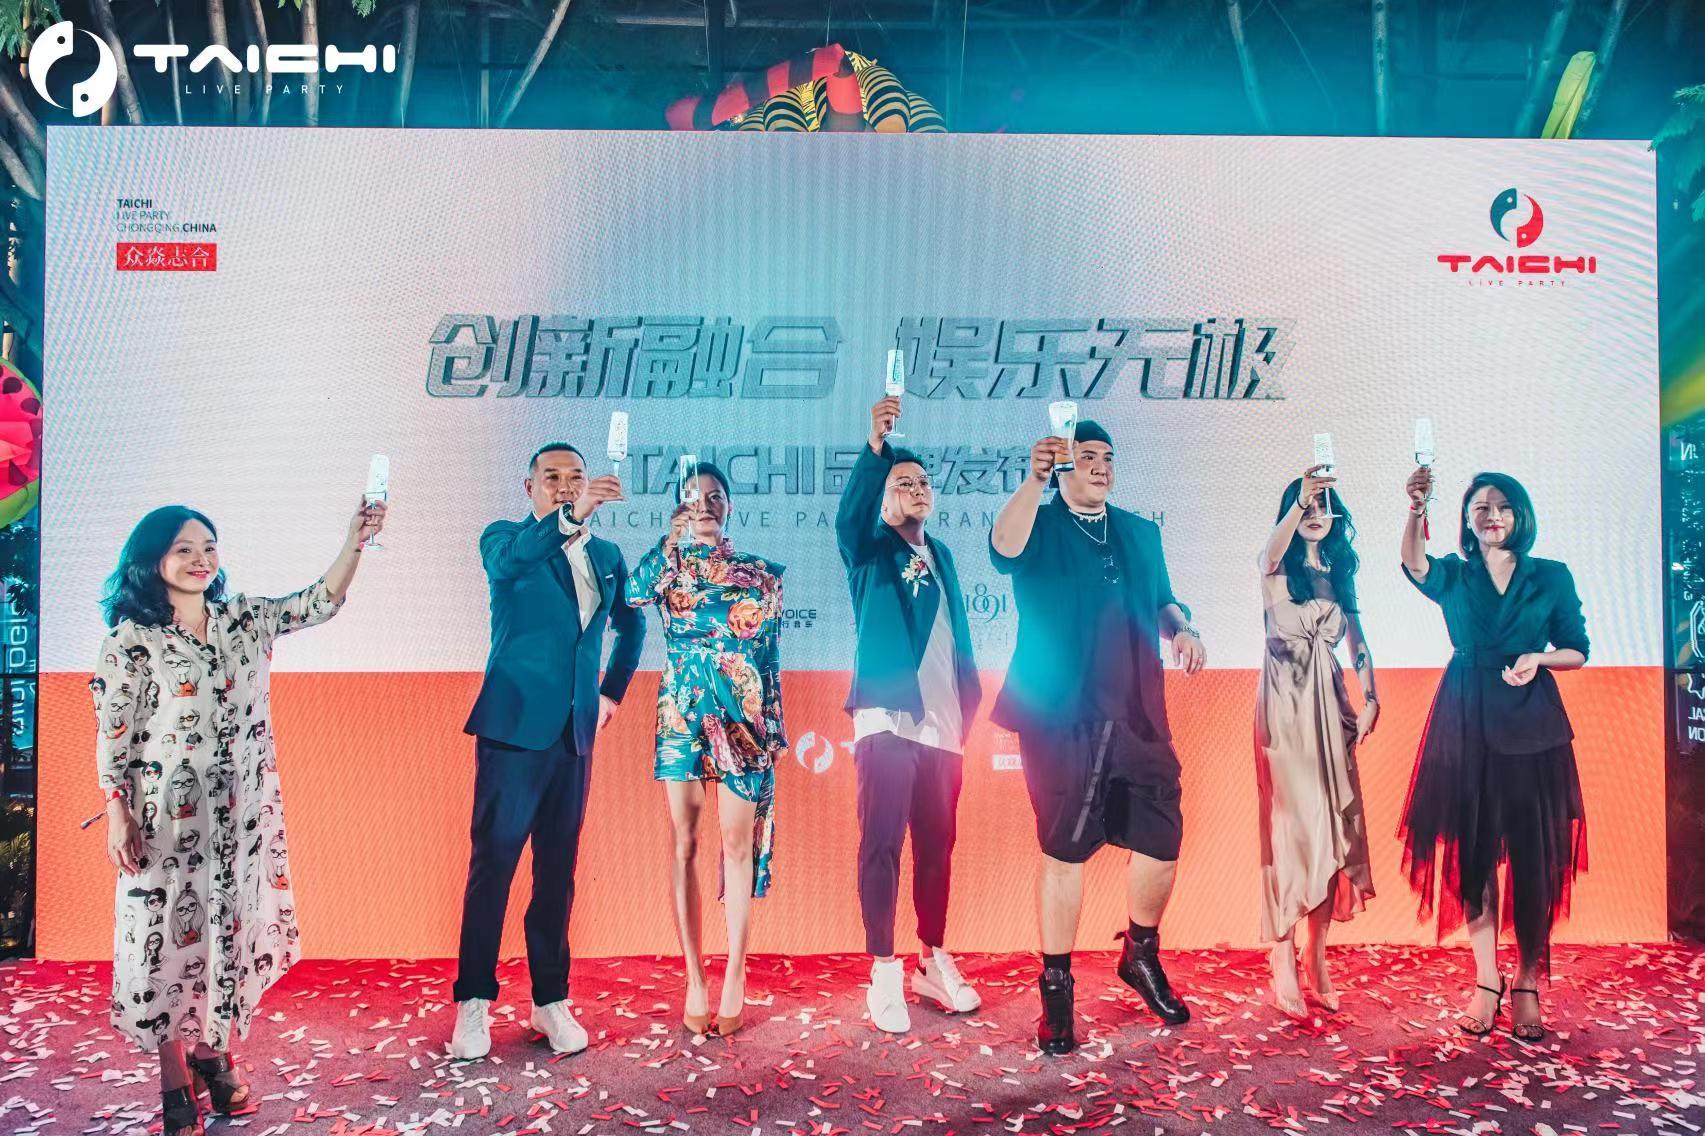 TAICHI LIVE PARTY 品牌发布会圆满落幕